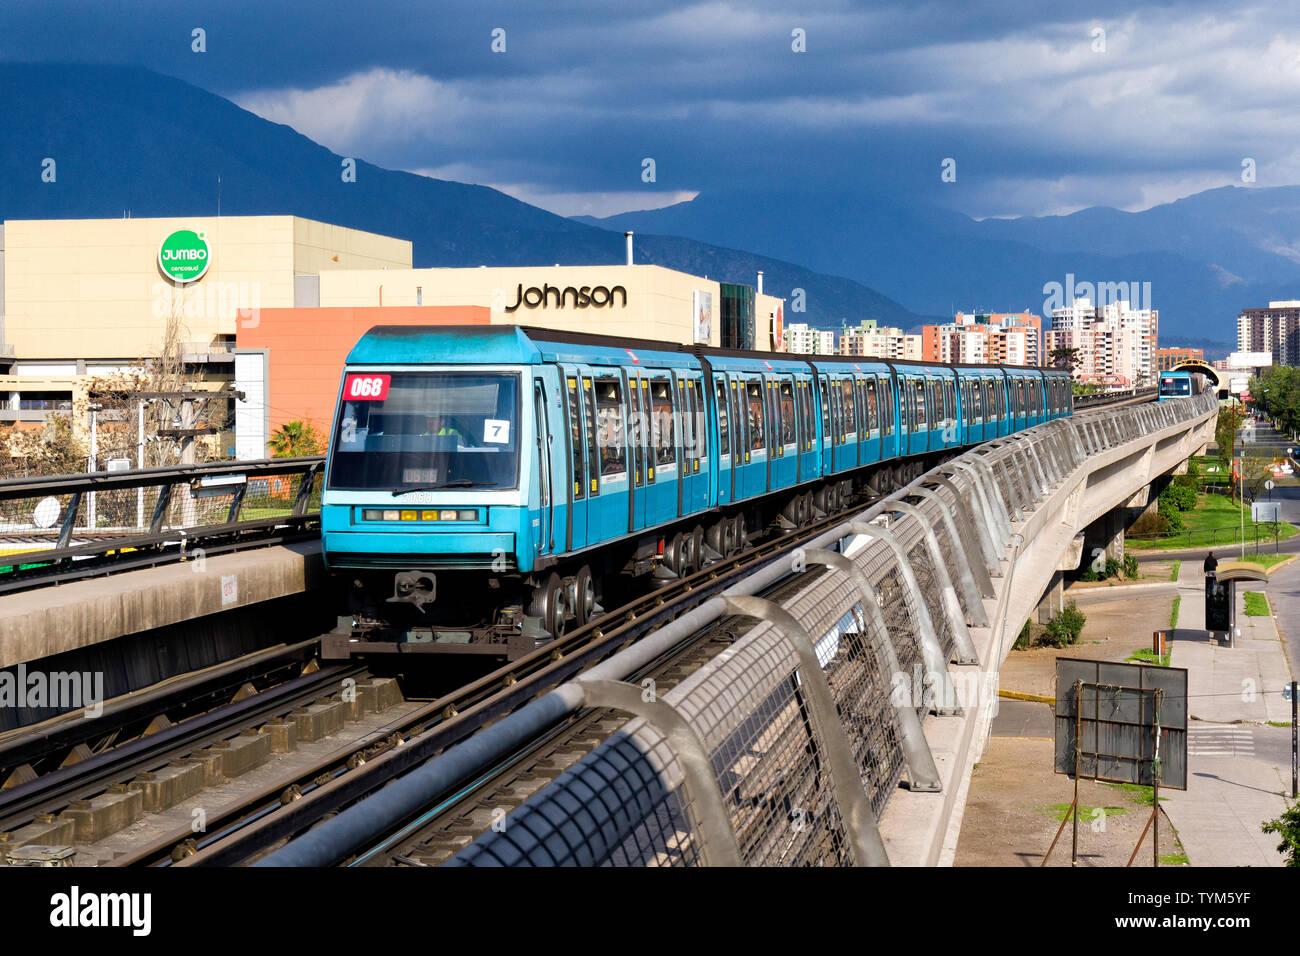 SANTIAGO, CHILE - OCTOBER 2015: Santiago Metro train entering